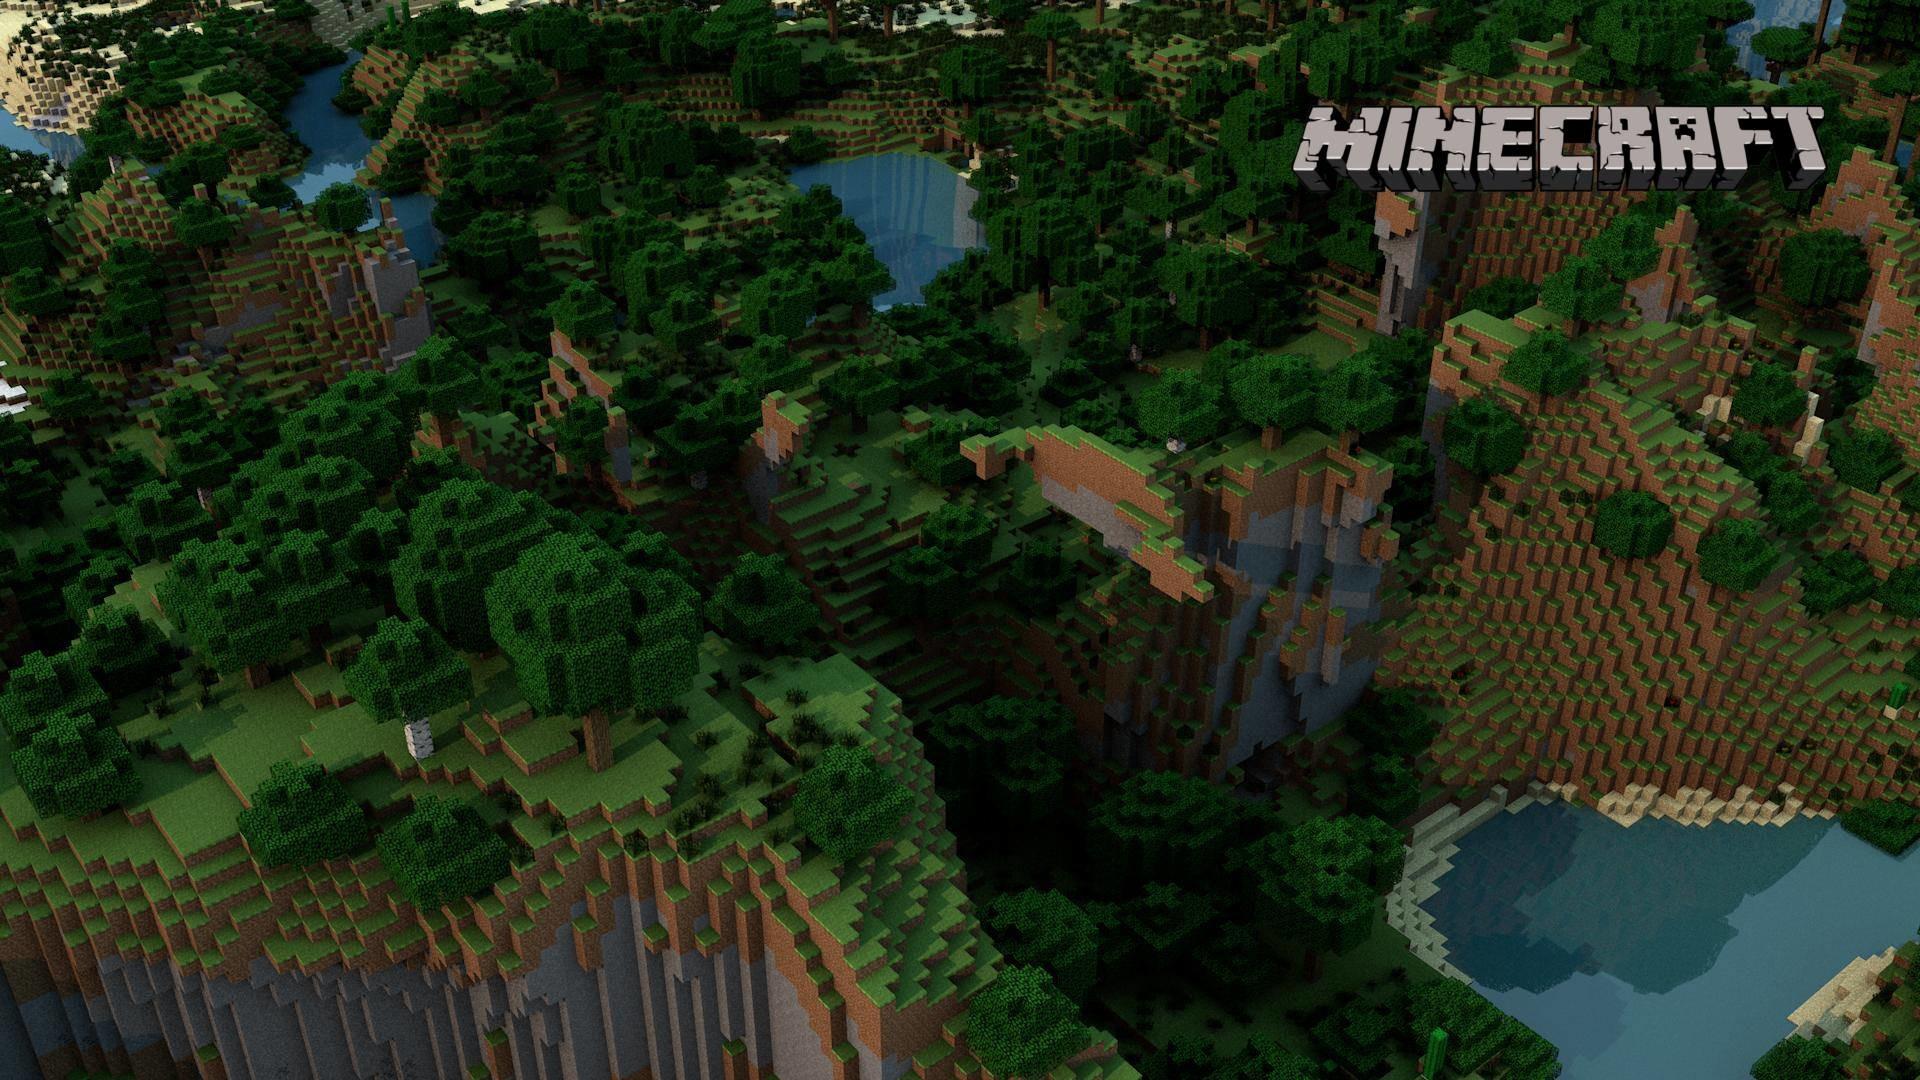 Res: 1920x1080, DKA.299 Minecraft 1080p,  Minecraft 1080p Pics